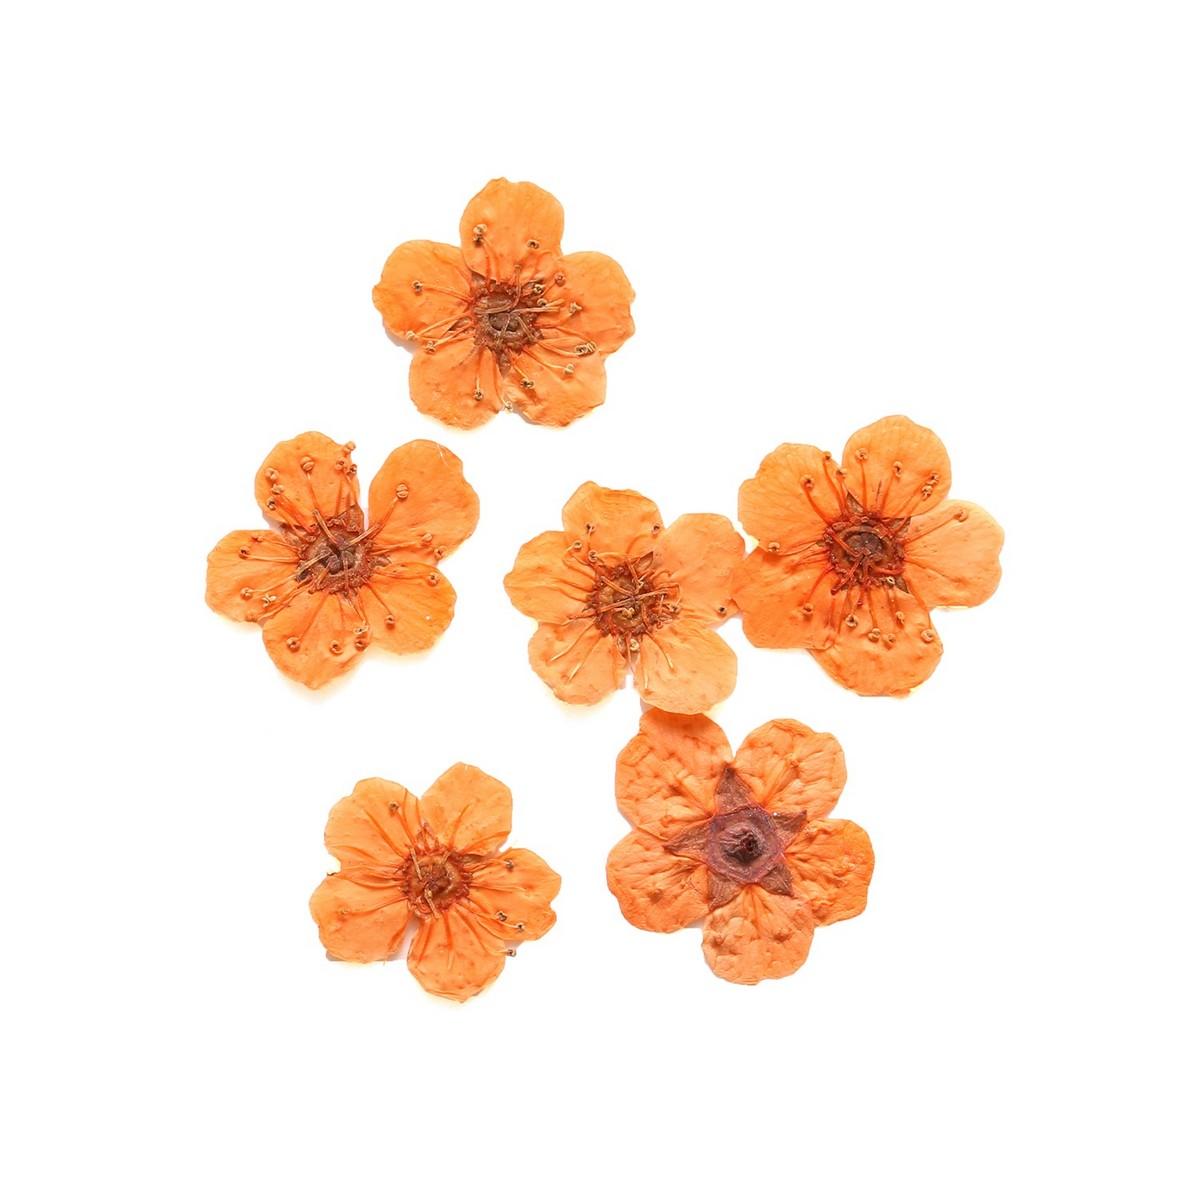 【ドライ】NBK/ドライフラワー コデマリ 約10×10mm オレンジ 10枚入/KE1301-OR【01】【01】【取寄】《 ドライフラワー ドライフラワー花材 その他ドライフラワー 》